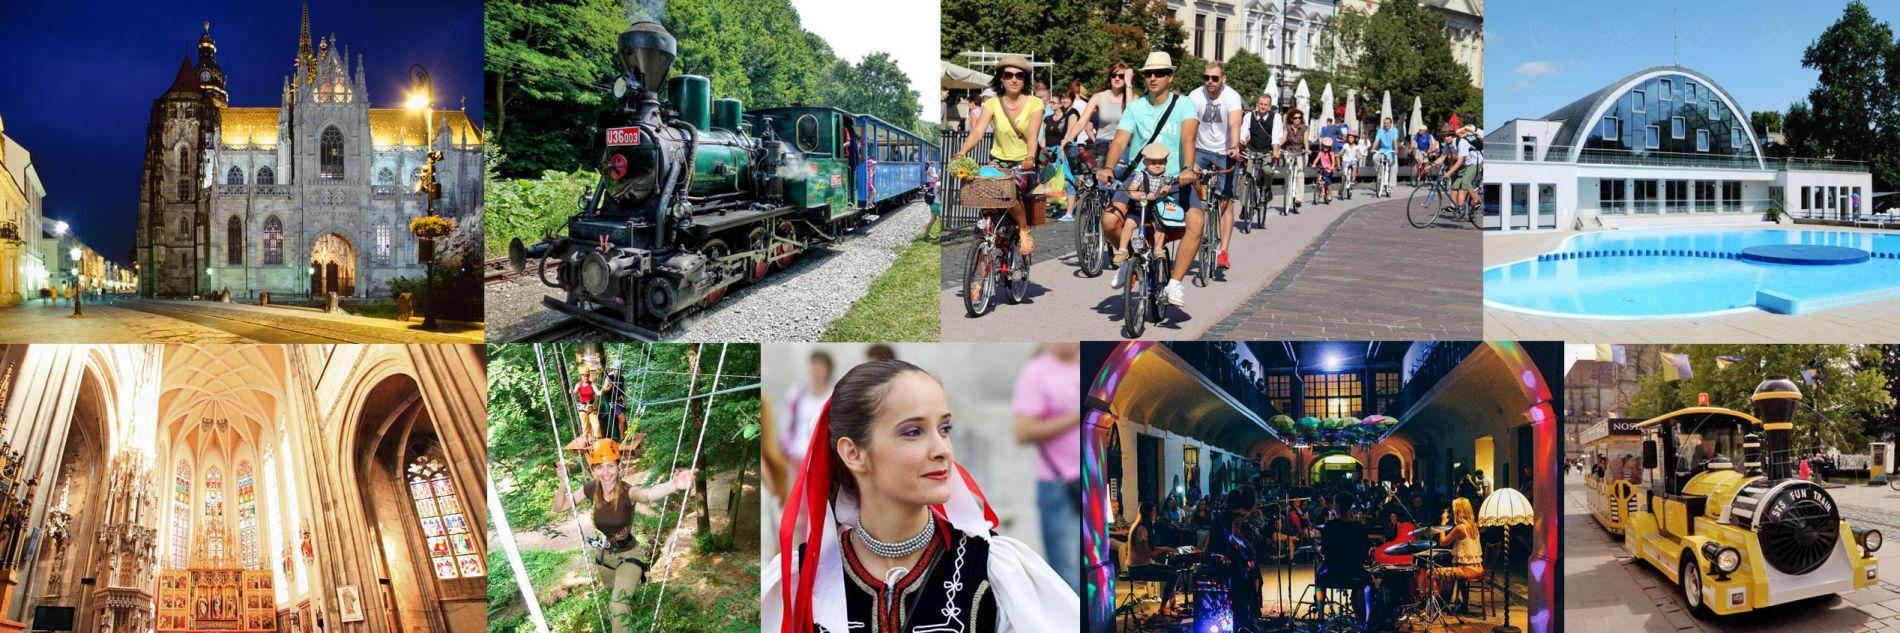 Košice leto 2017.jpg